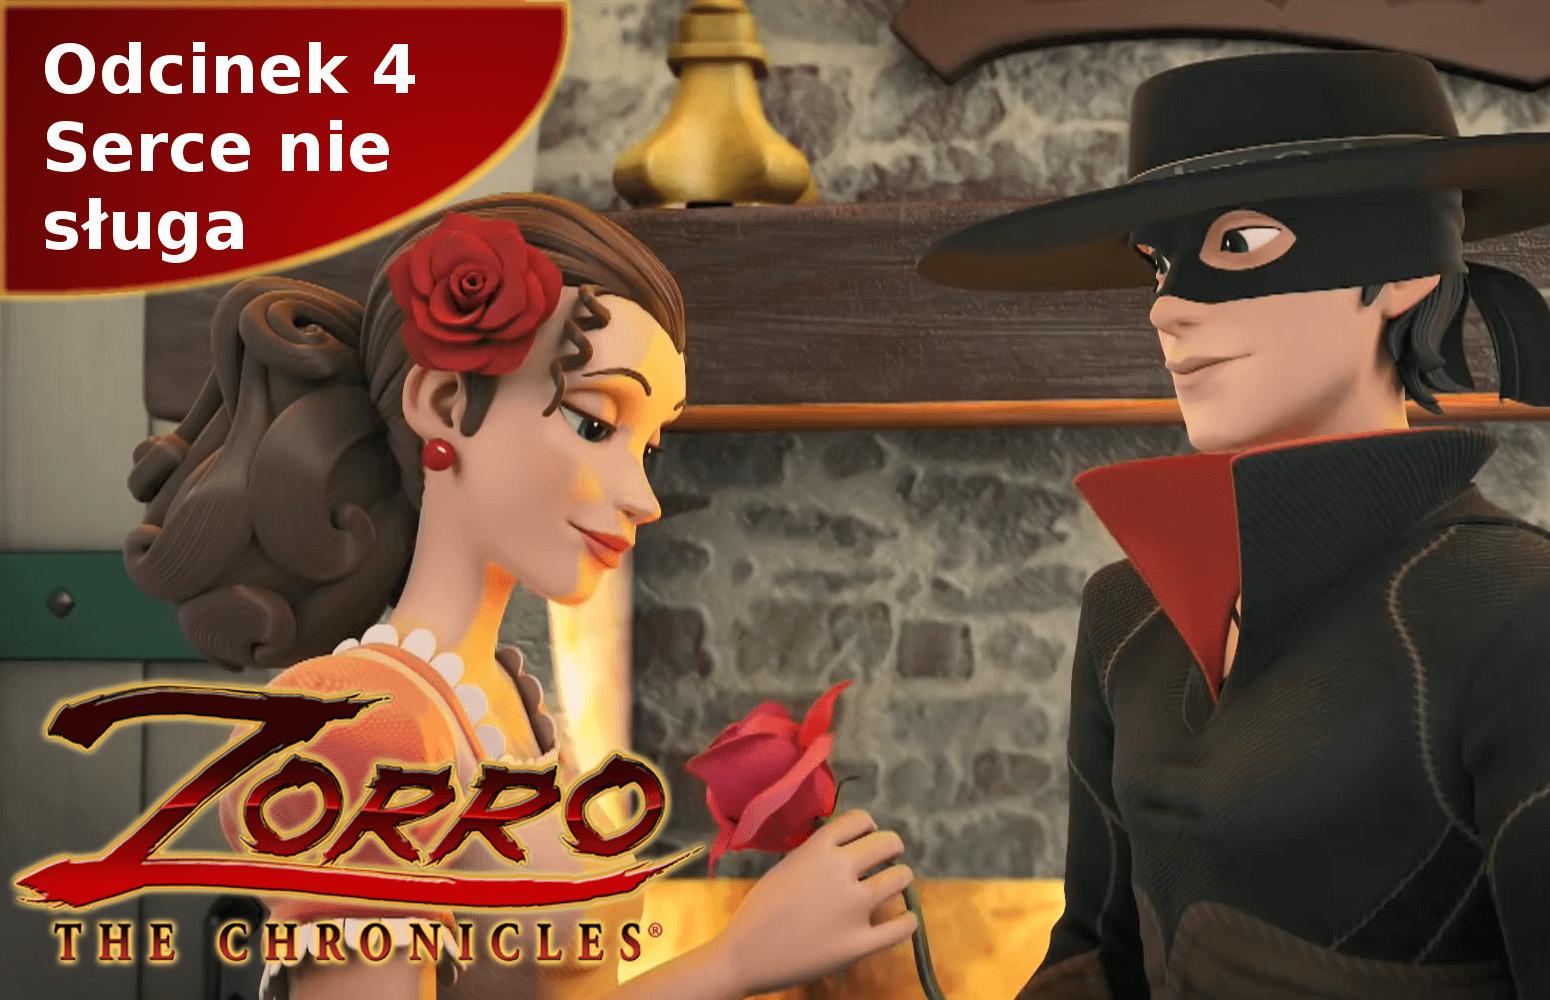 Kroniki Zorro odcinek 4 Serce nie sługa